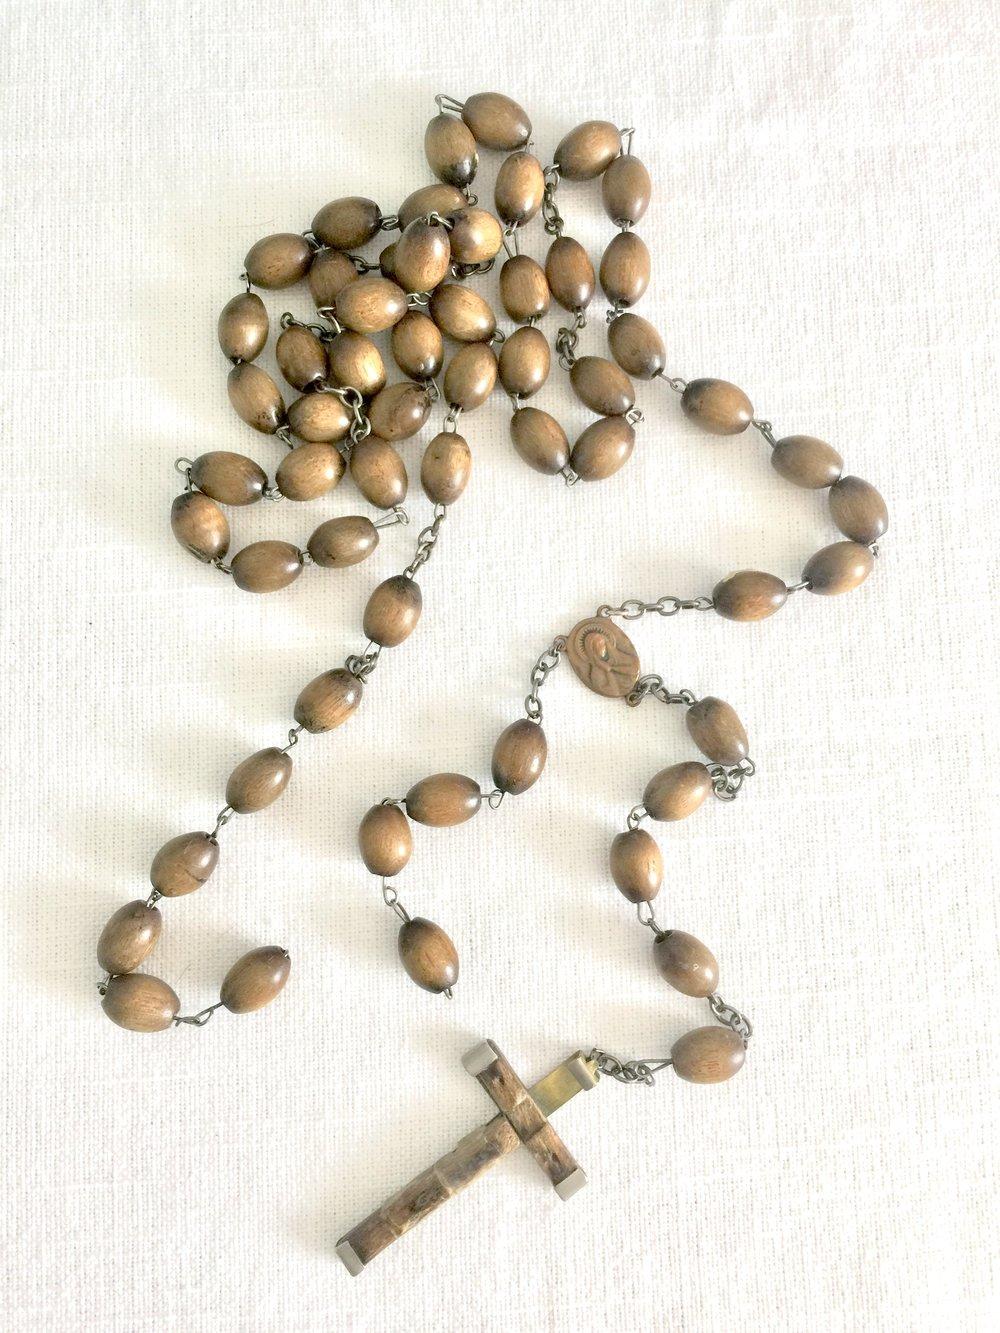 Broken religious rosary.jpg